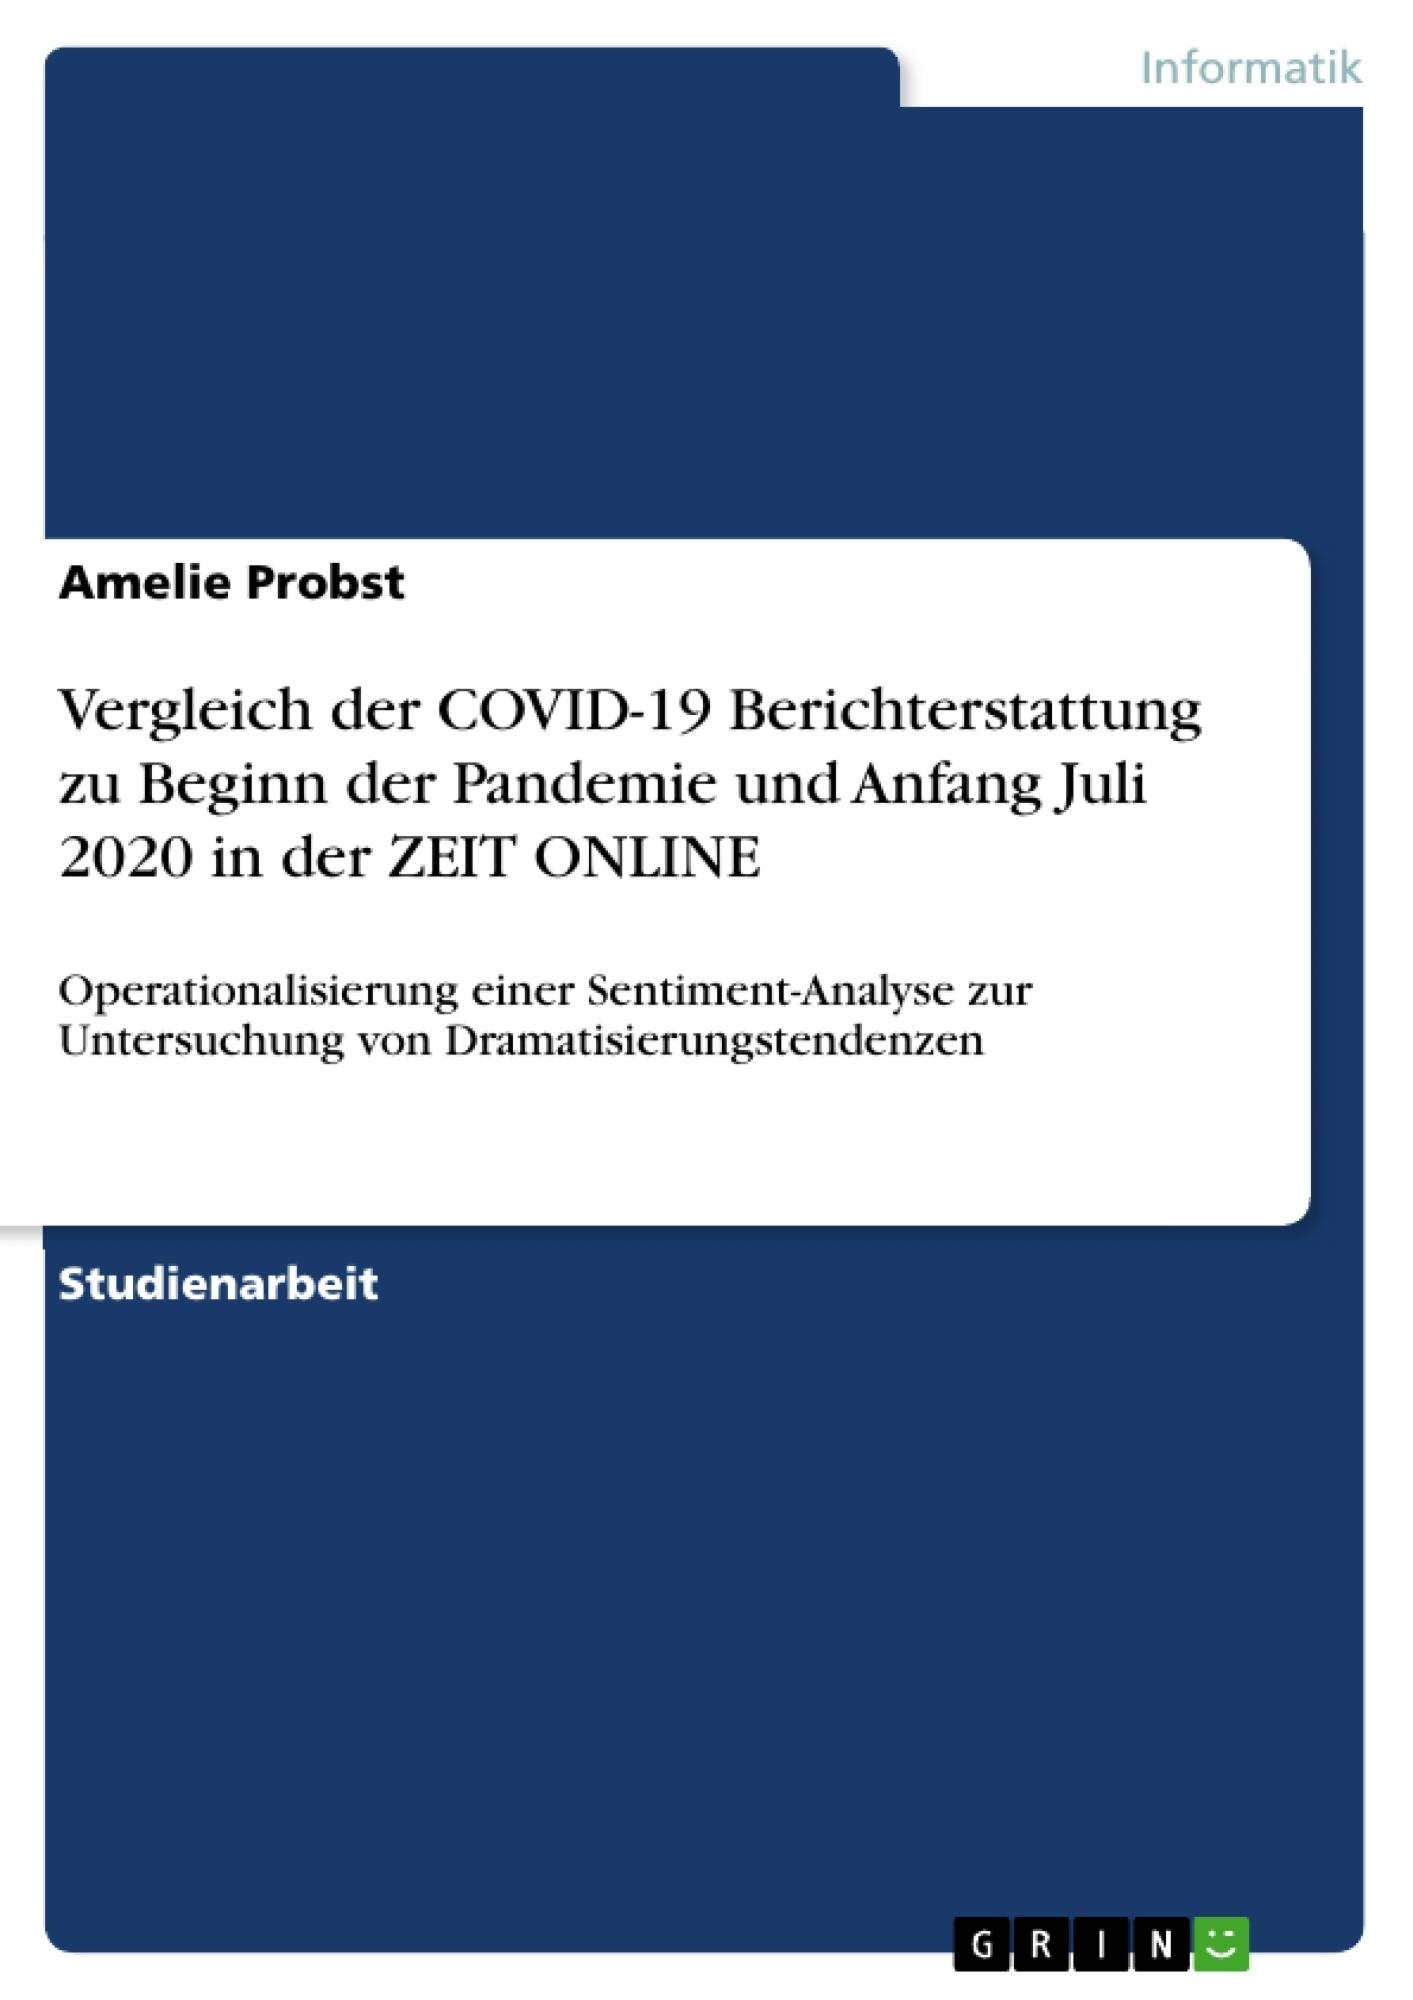 Titel: Vergleich der COVID-19 Berichterstattung zu Beginn der Pandemie und Anfang Juli 2020 in der ZEIT ONLINE